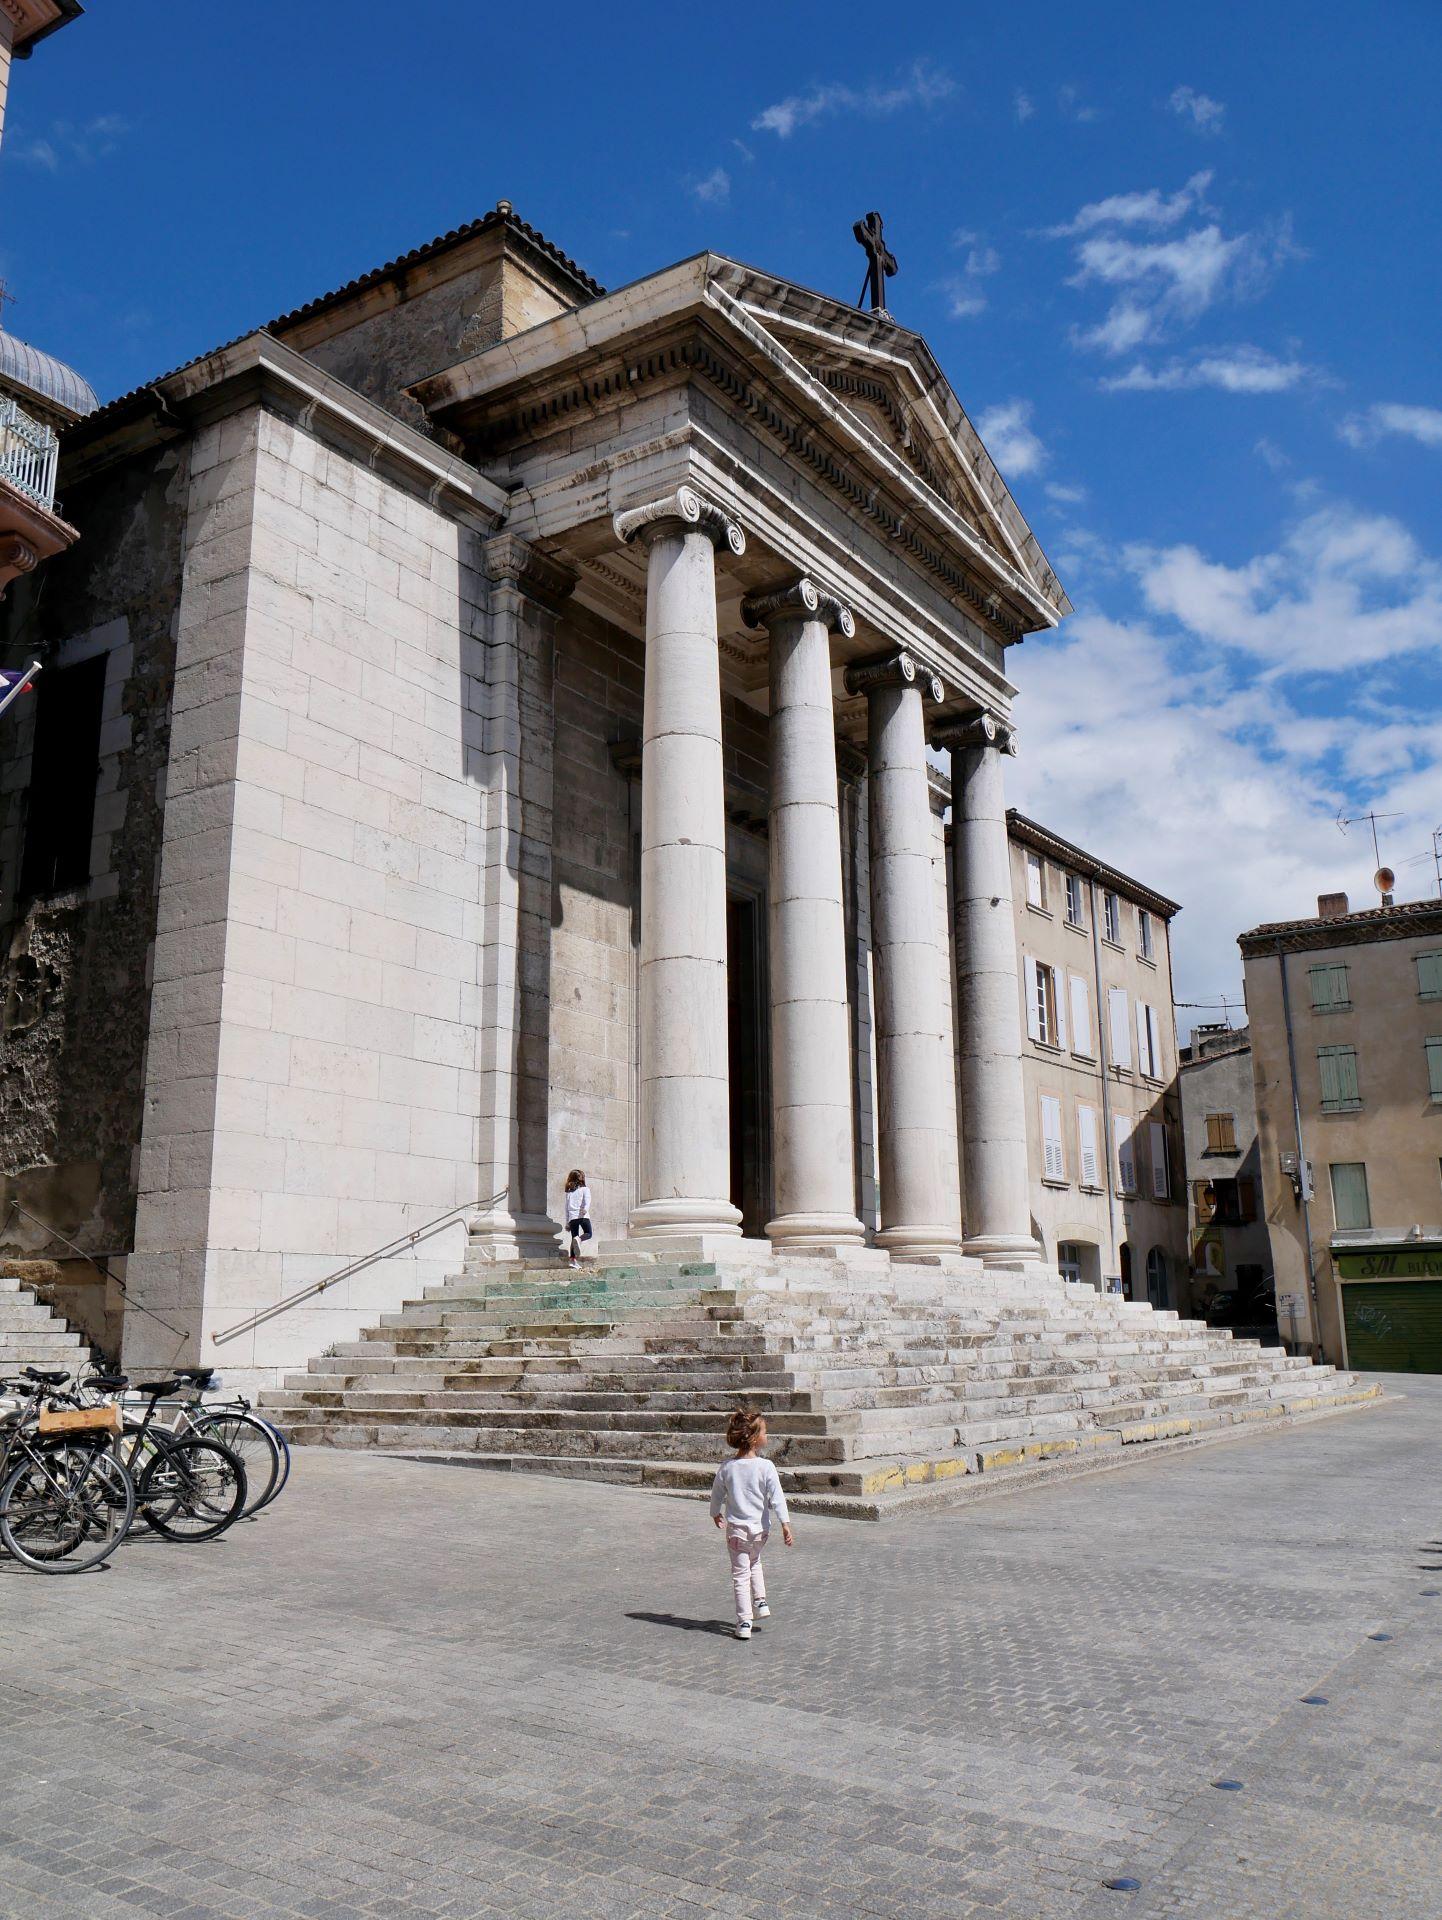 Vélo en Drôme et Ardèche : la vélodrôme et la ville de Crest